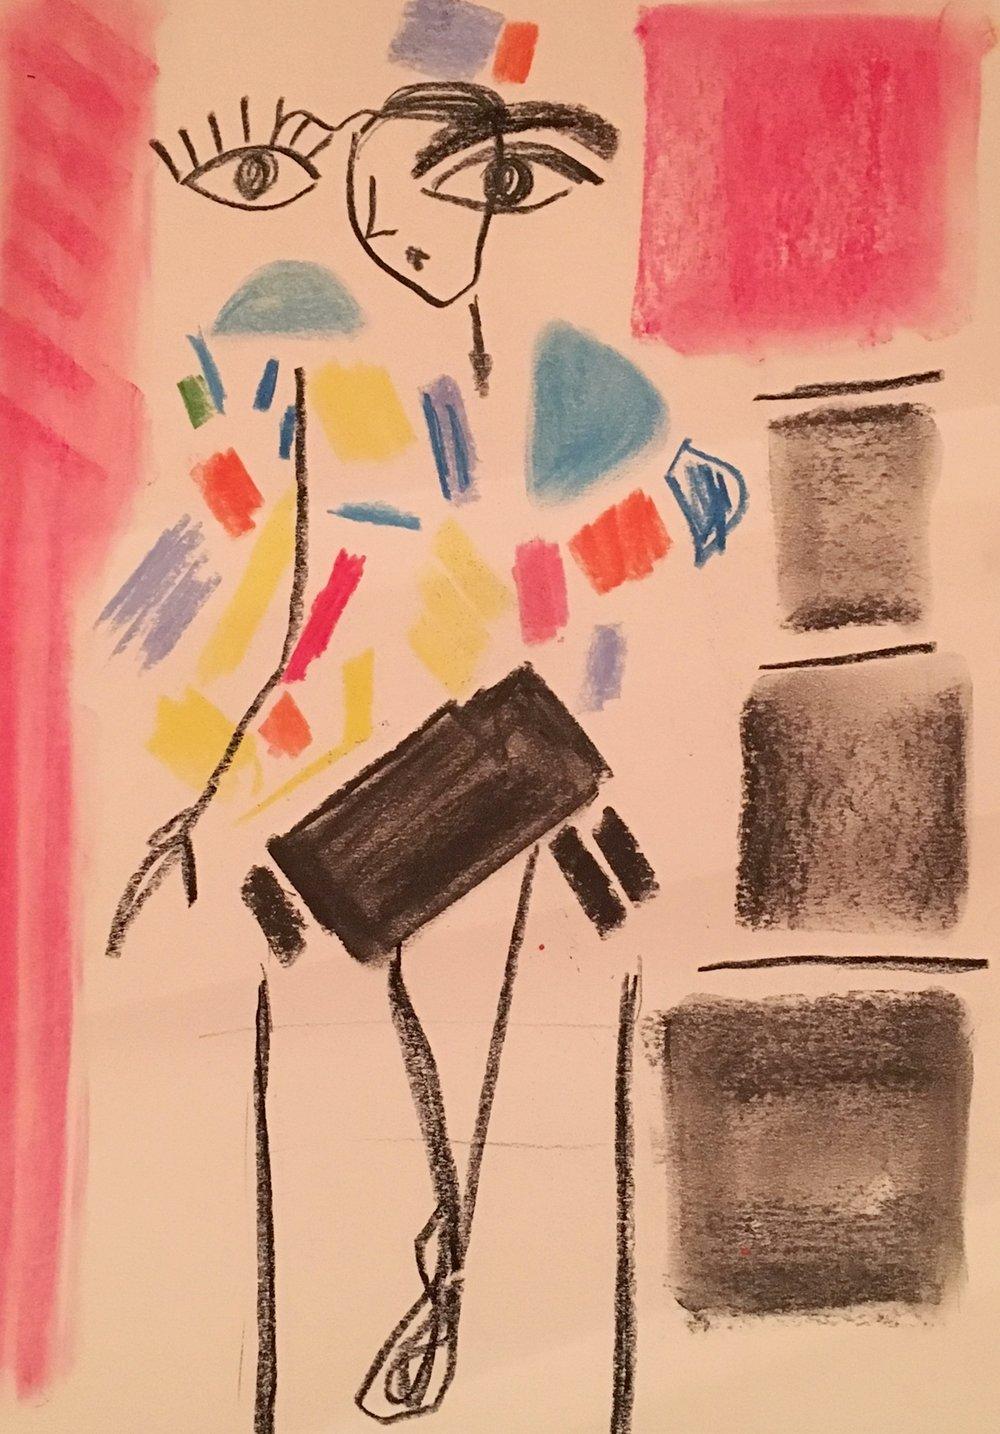 Catwalk Cubism